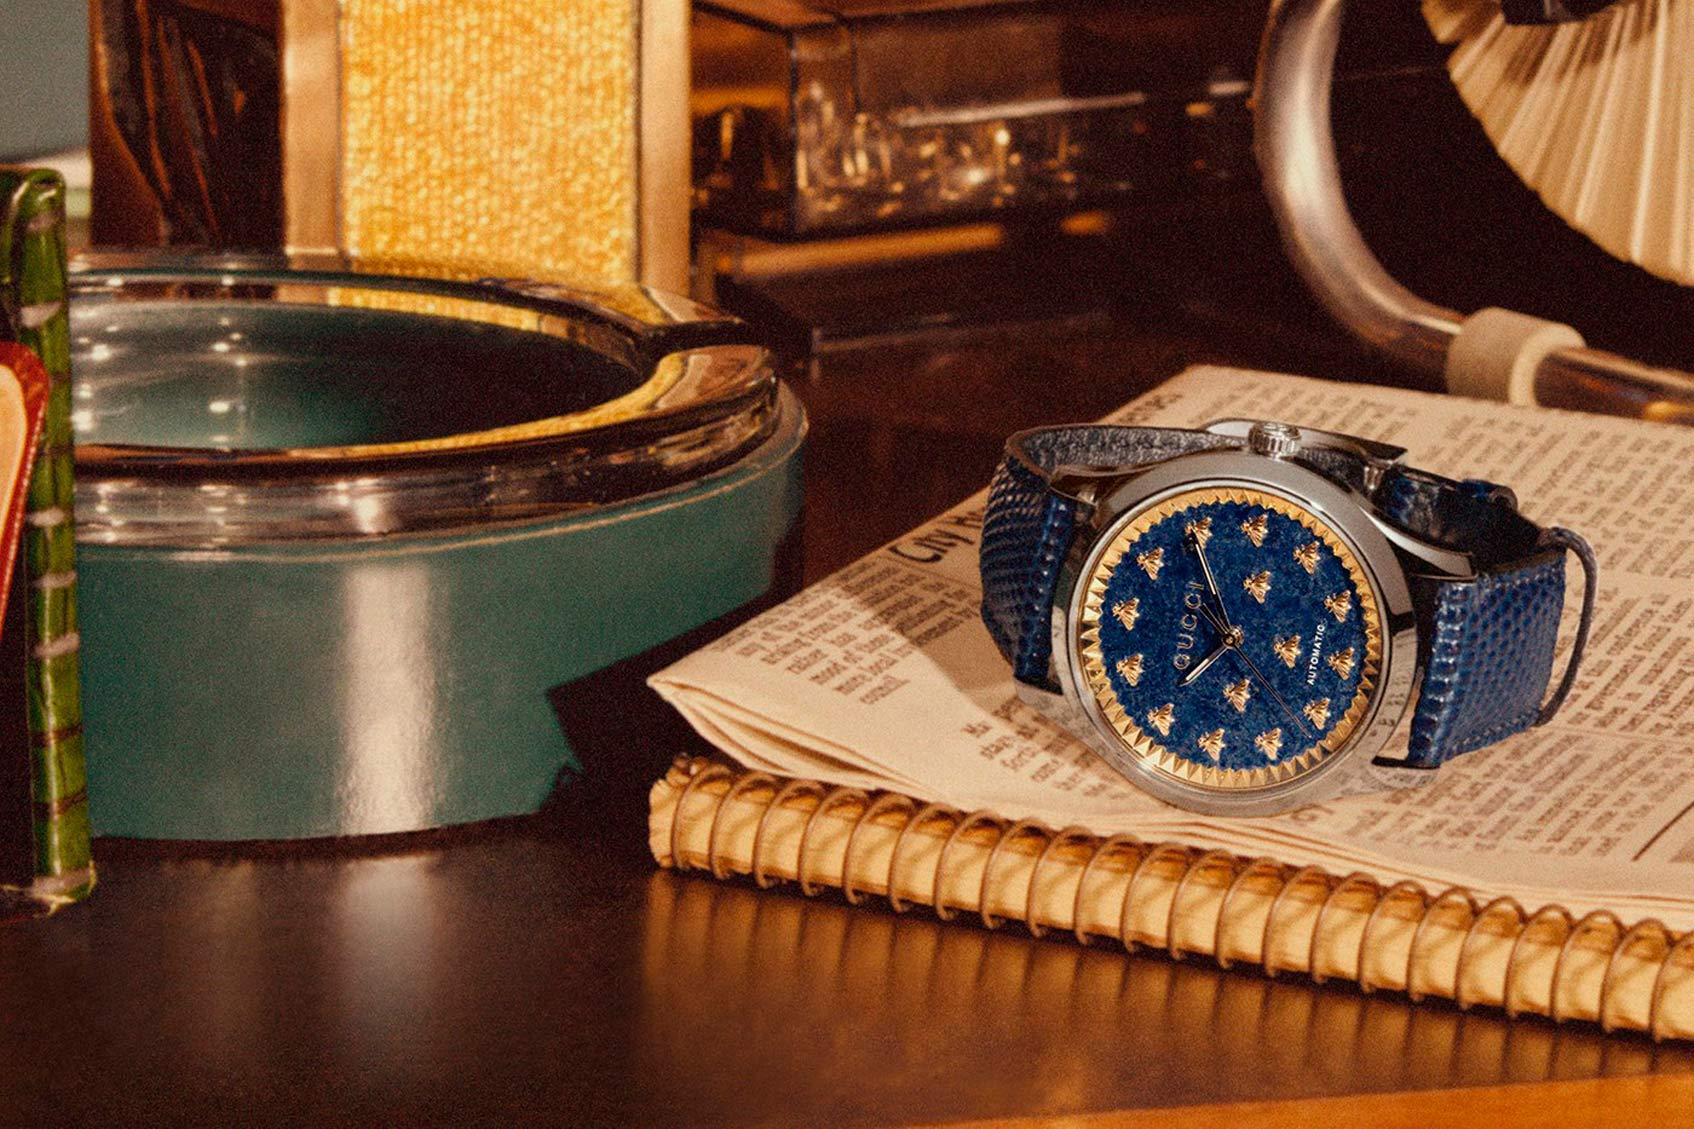 gucci выпустил коллекцию часов и ювелирных украшений